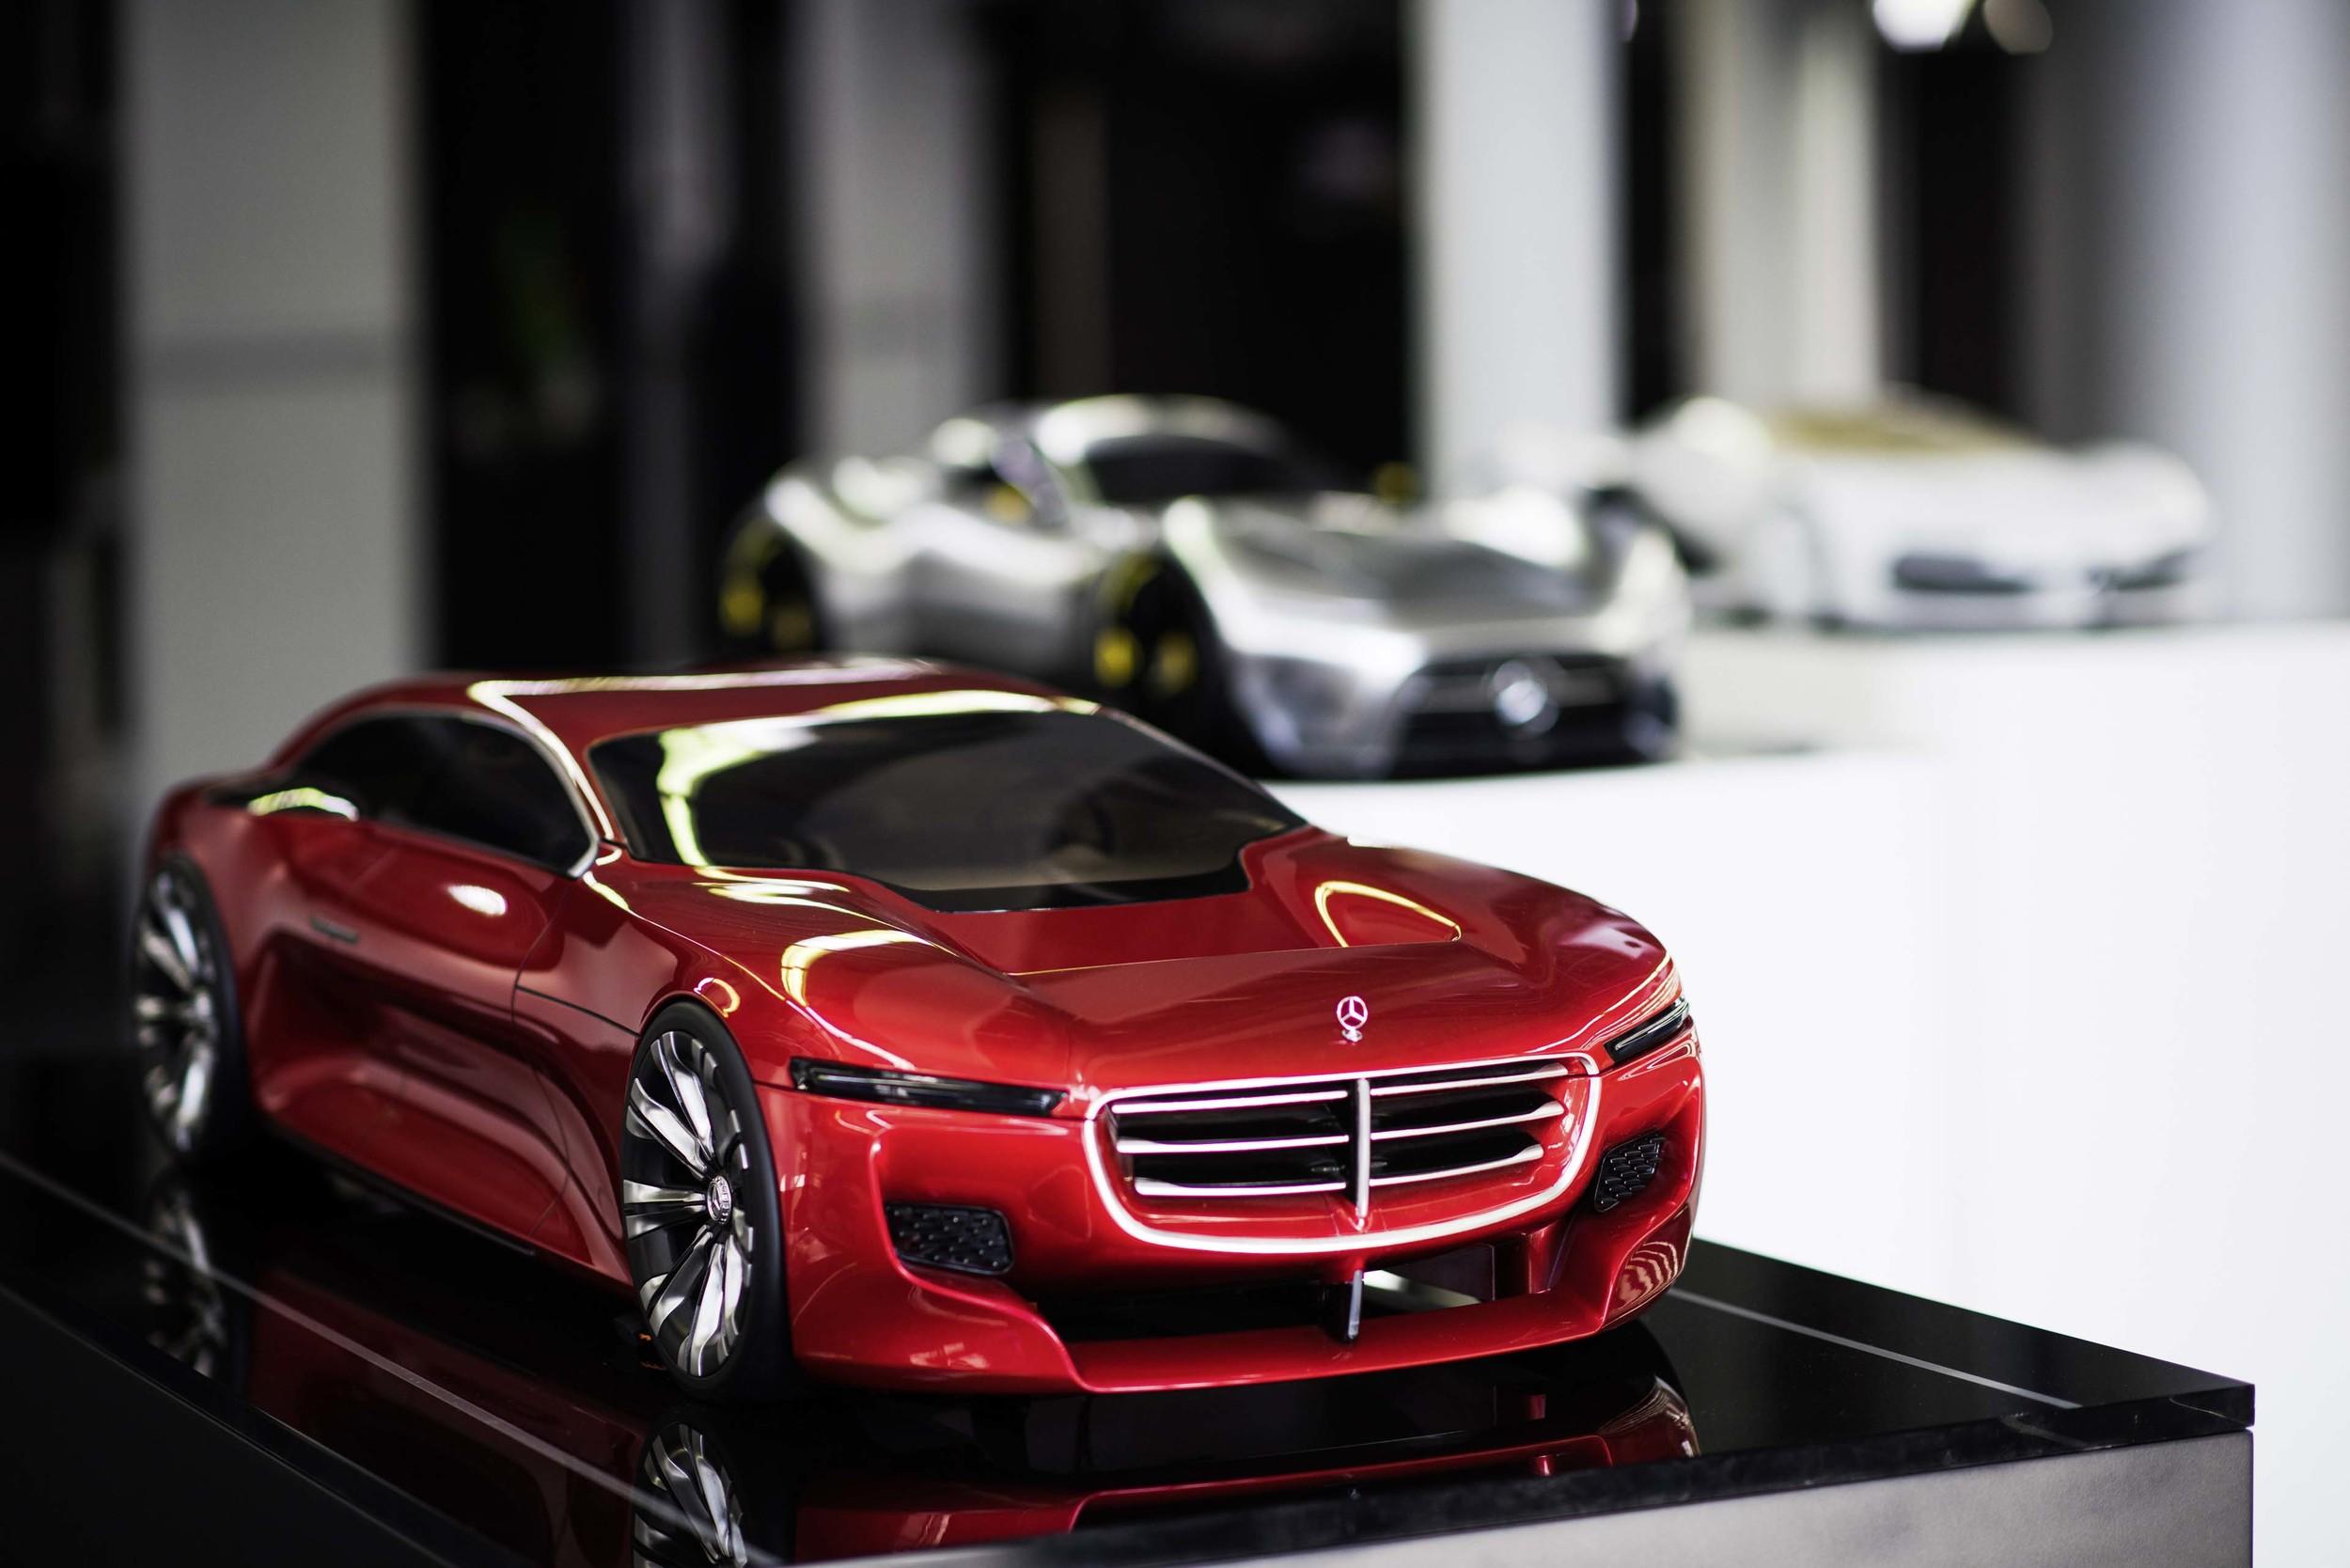 メルセデス・ベンツ、曲線の美しいスポーツカーと未来のデザイン・コンセプトをプレビュー